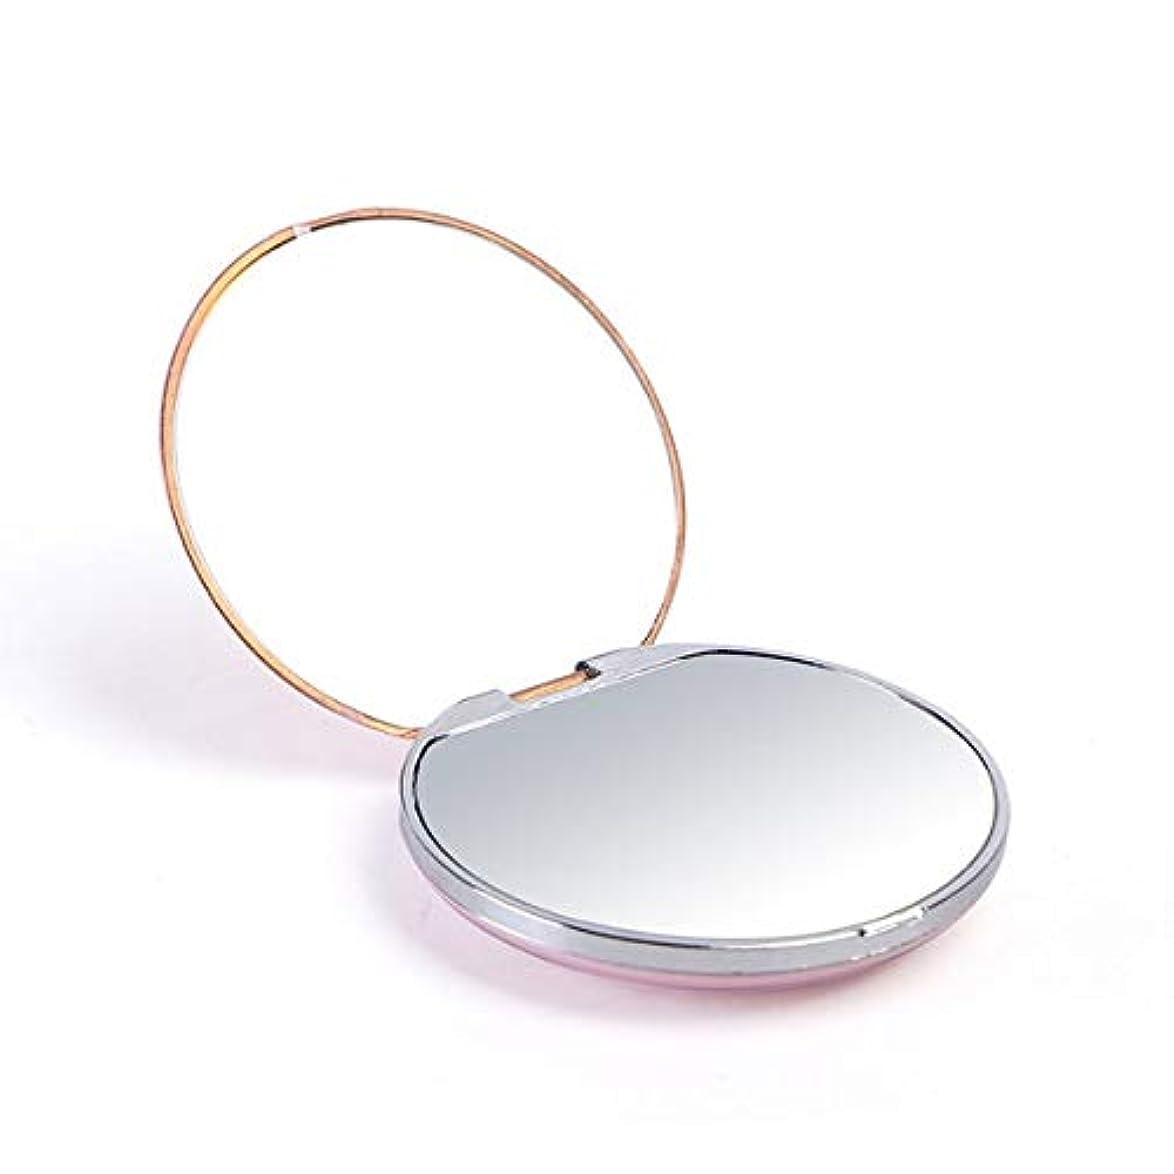 ファイアル心配政治家化粧鏡、亜鉛合金テクスチャアップグレード化粧鏡化粧鏡化粧ギフト